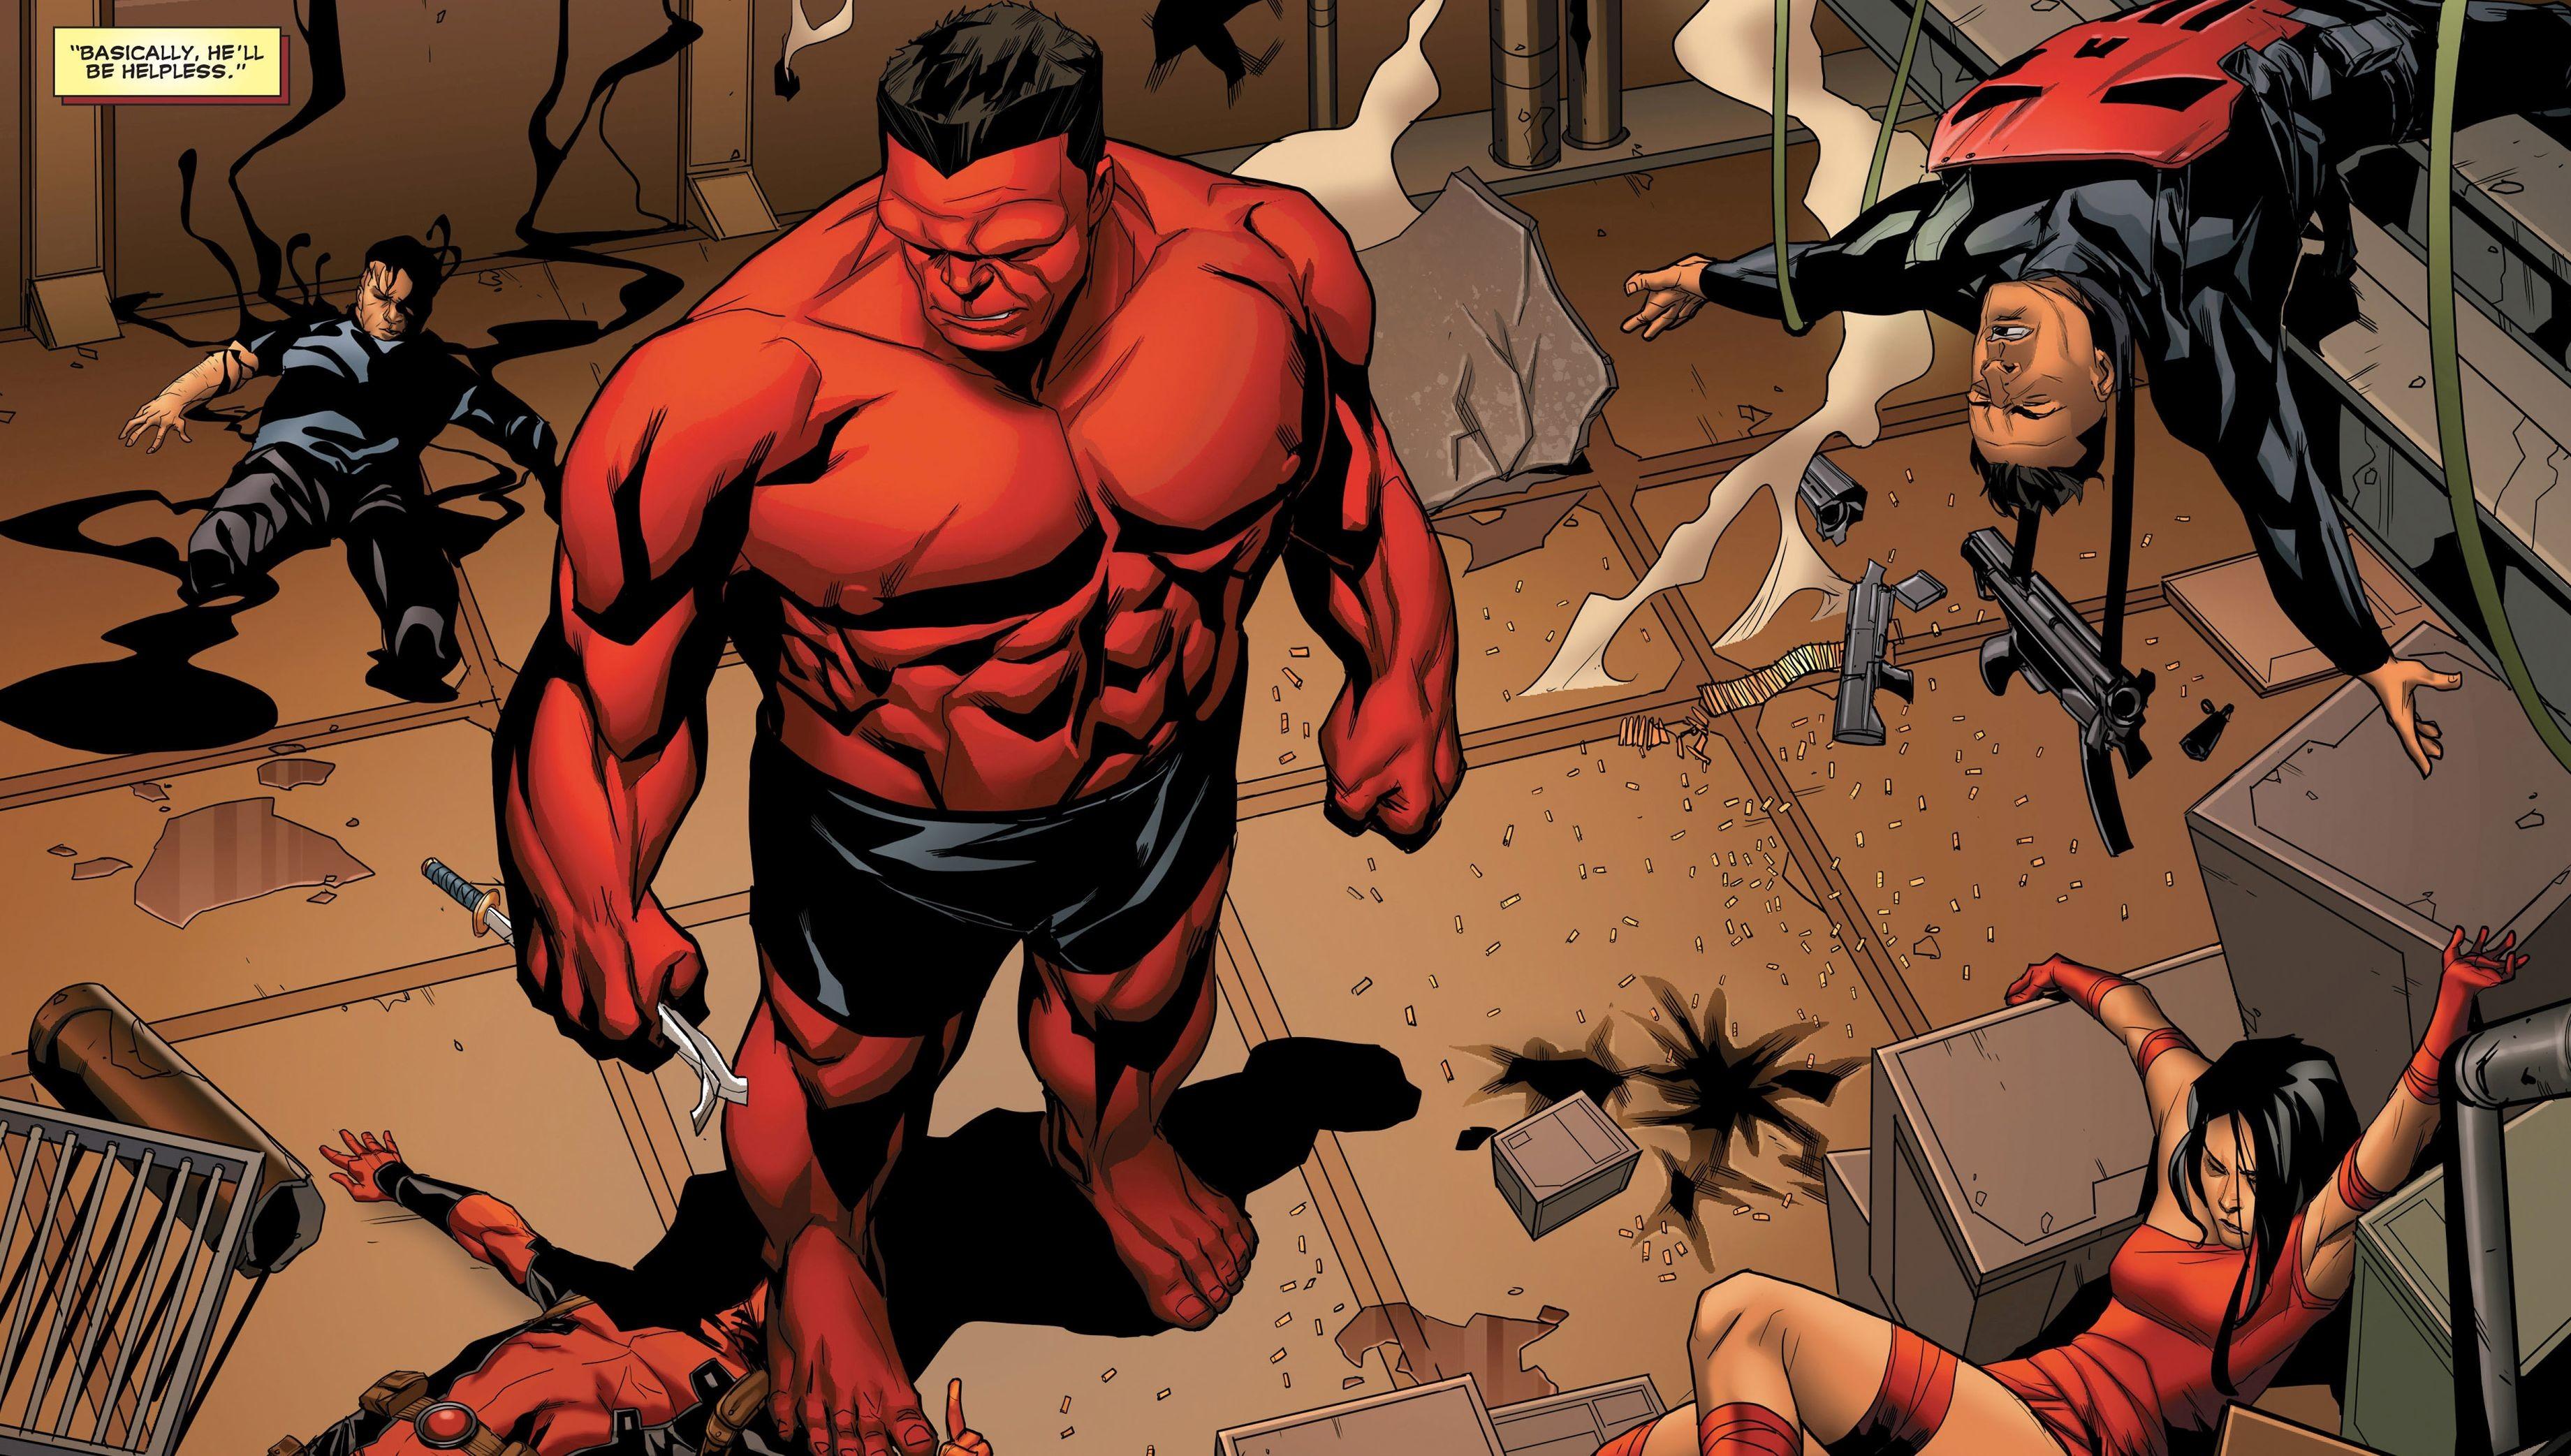 Comics – Thunderbolts Red Hulk Elektra Punisher Deadpool Agent Venom  Wallpaper